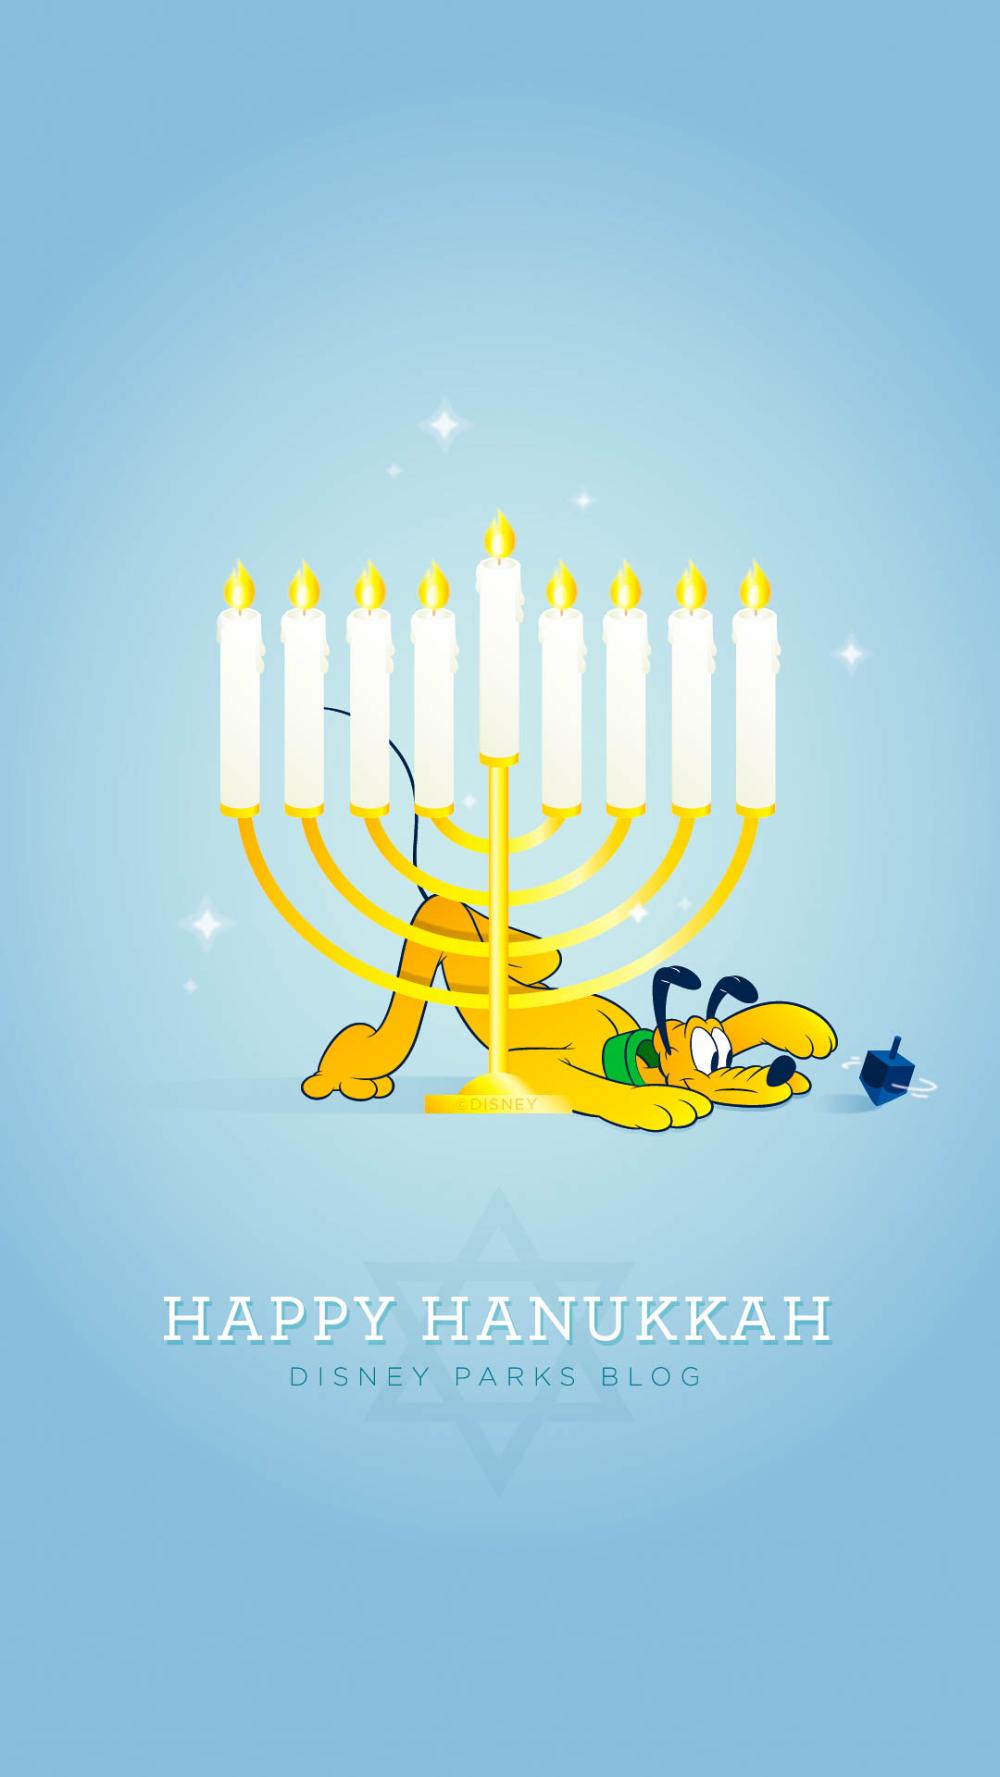 2018 Hanukkah Wallpaper Iphone Android In 2020 Disney Parks Blog Hanukkah Wallpaper